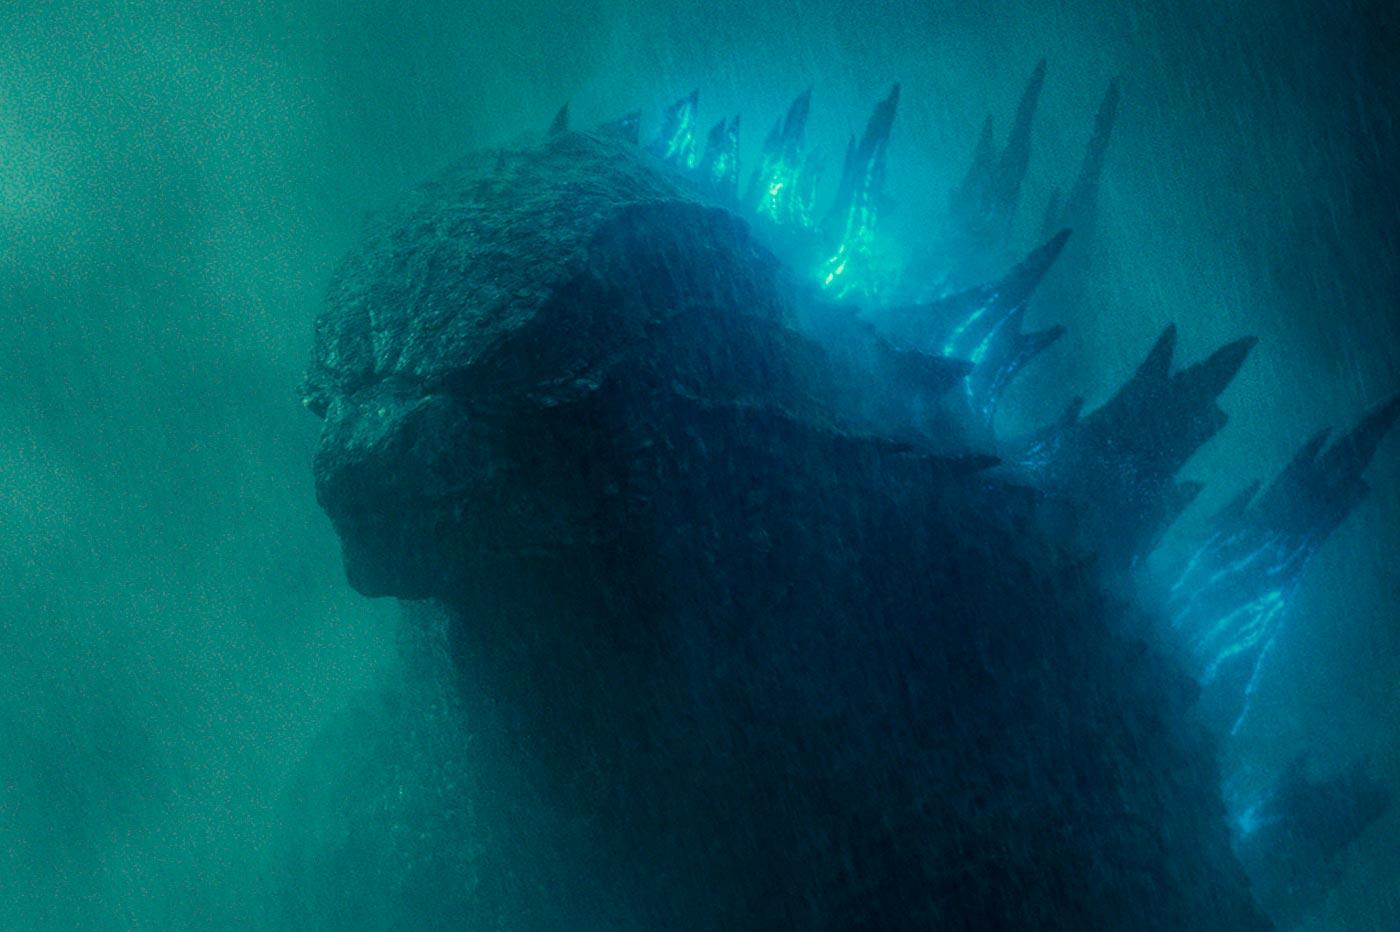 Crítica Godzilla: rey de los monstruos